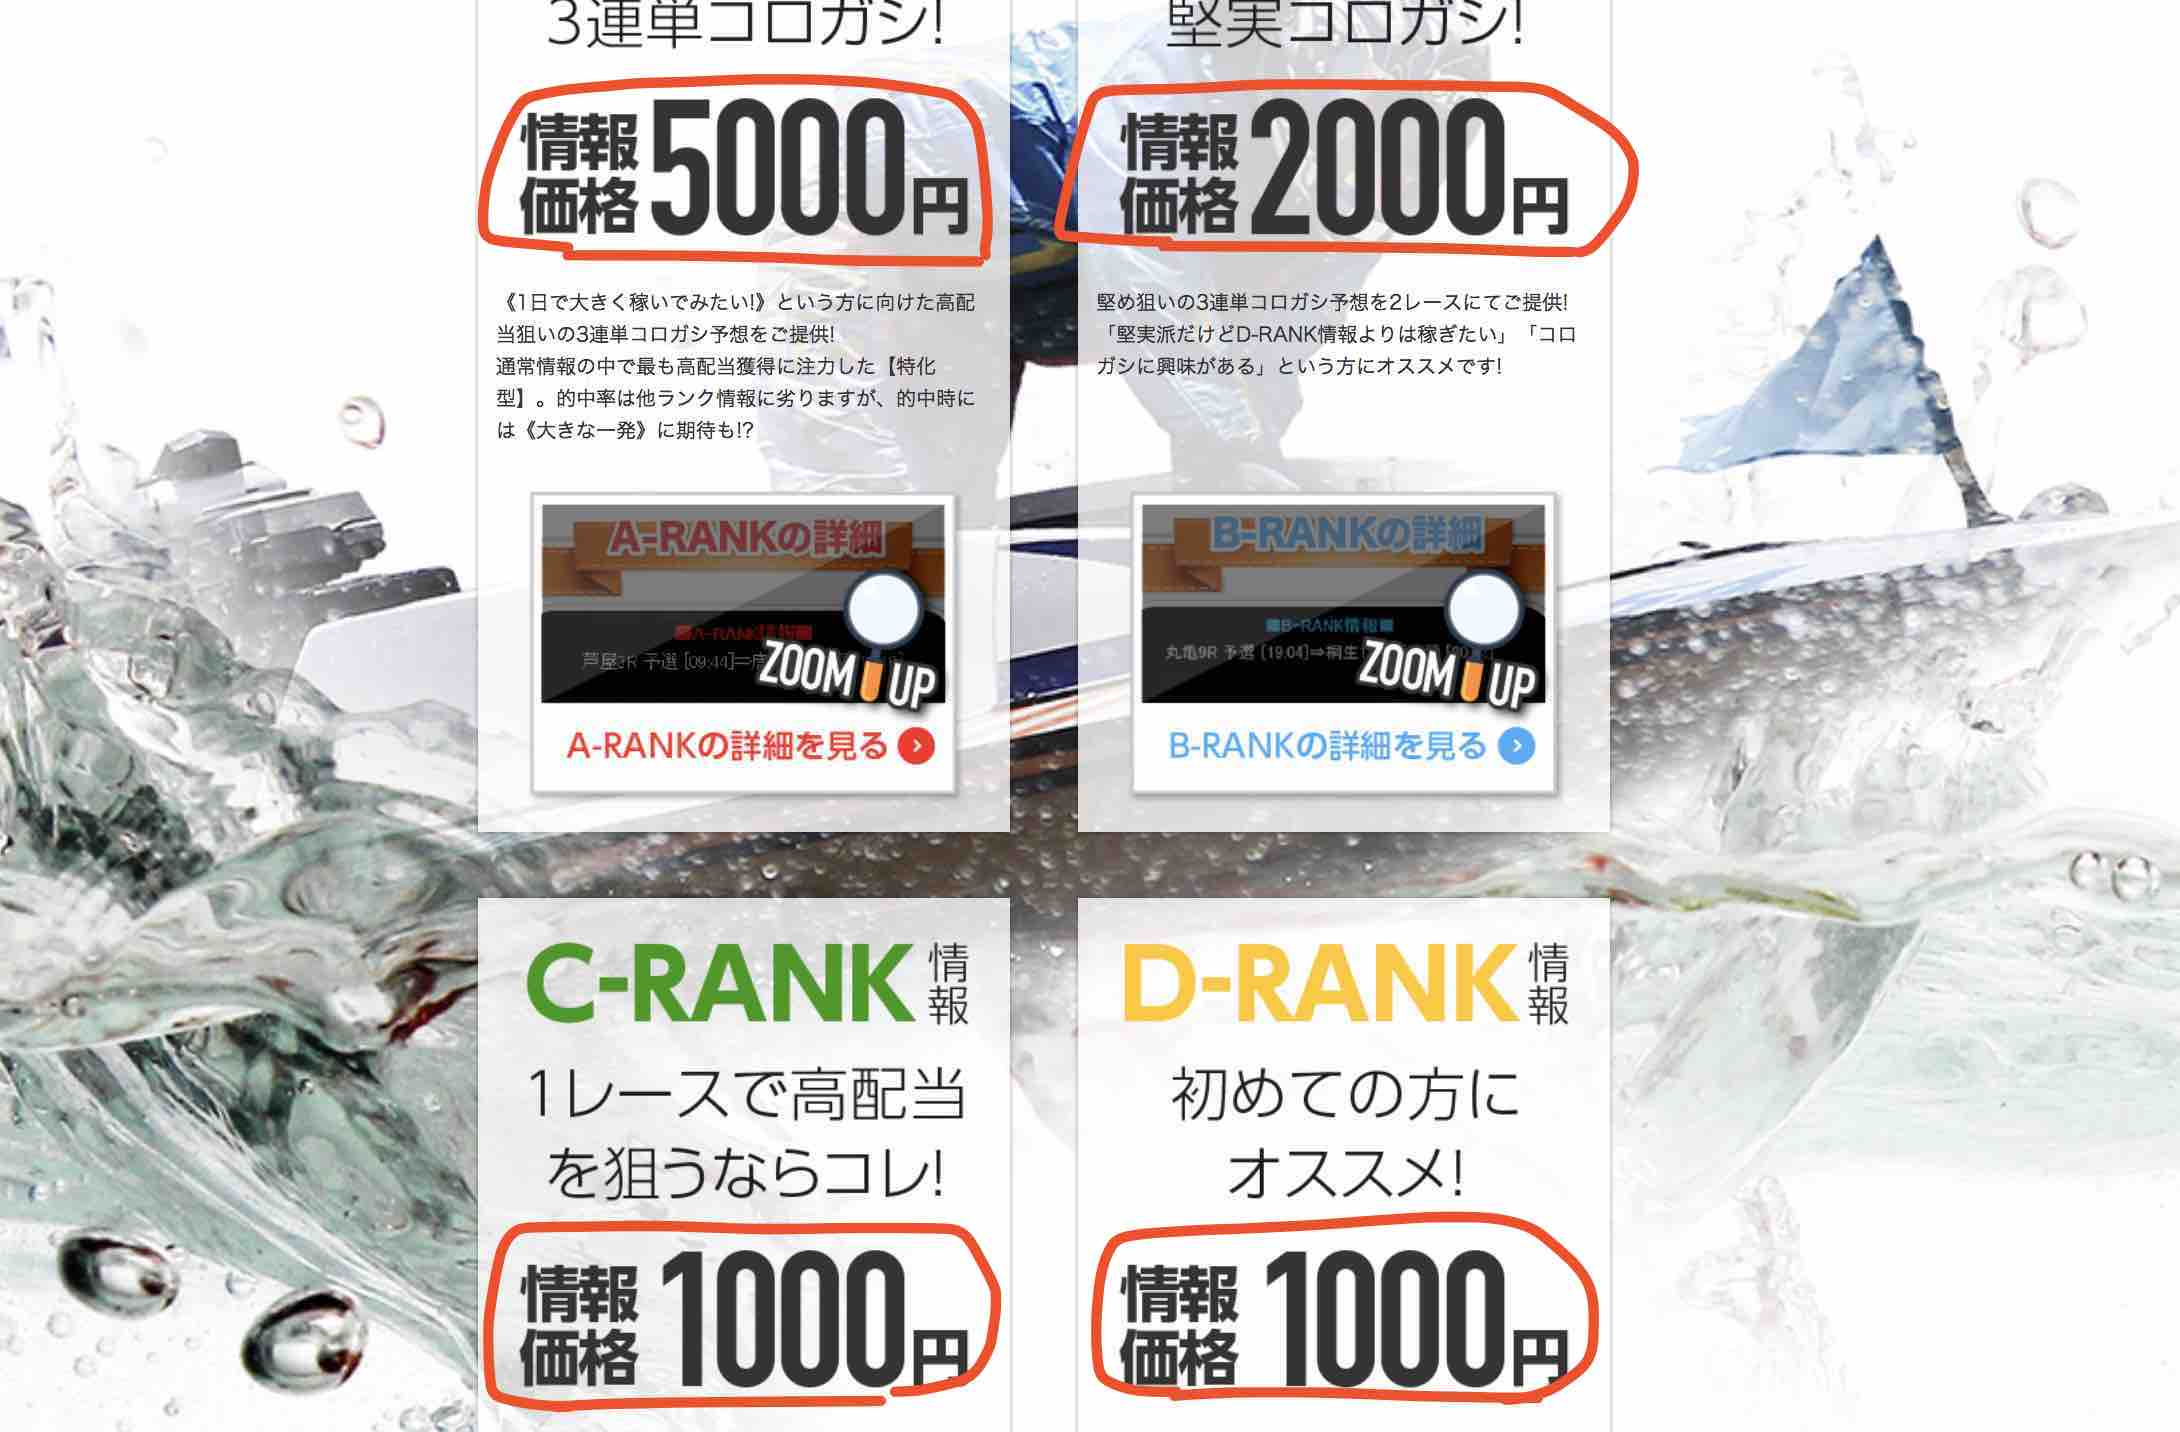 BOAT365(ボート365)という競艇予想サイト・ボートレースの評価、評判、口コミ情報の1つ目である値段が安い!